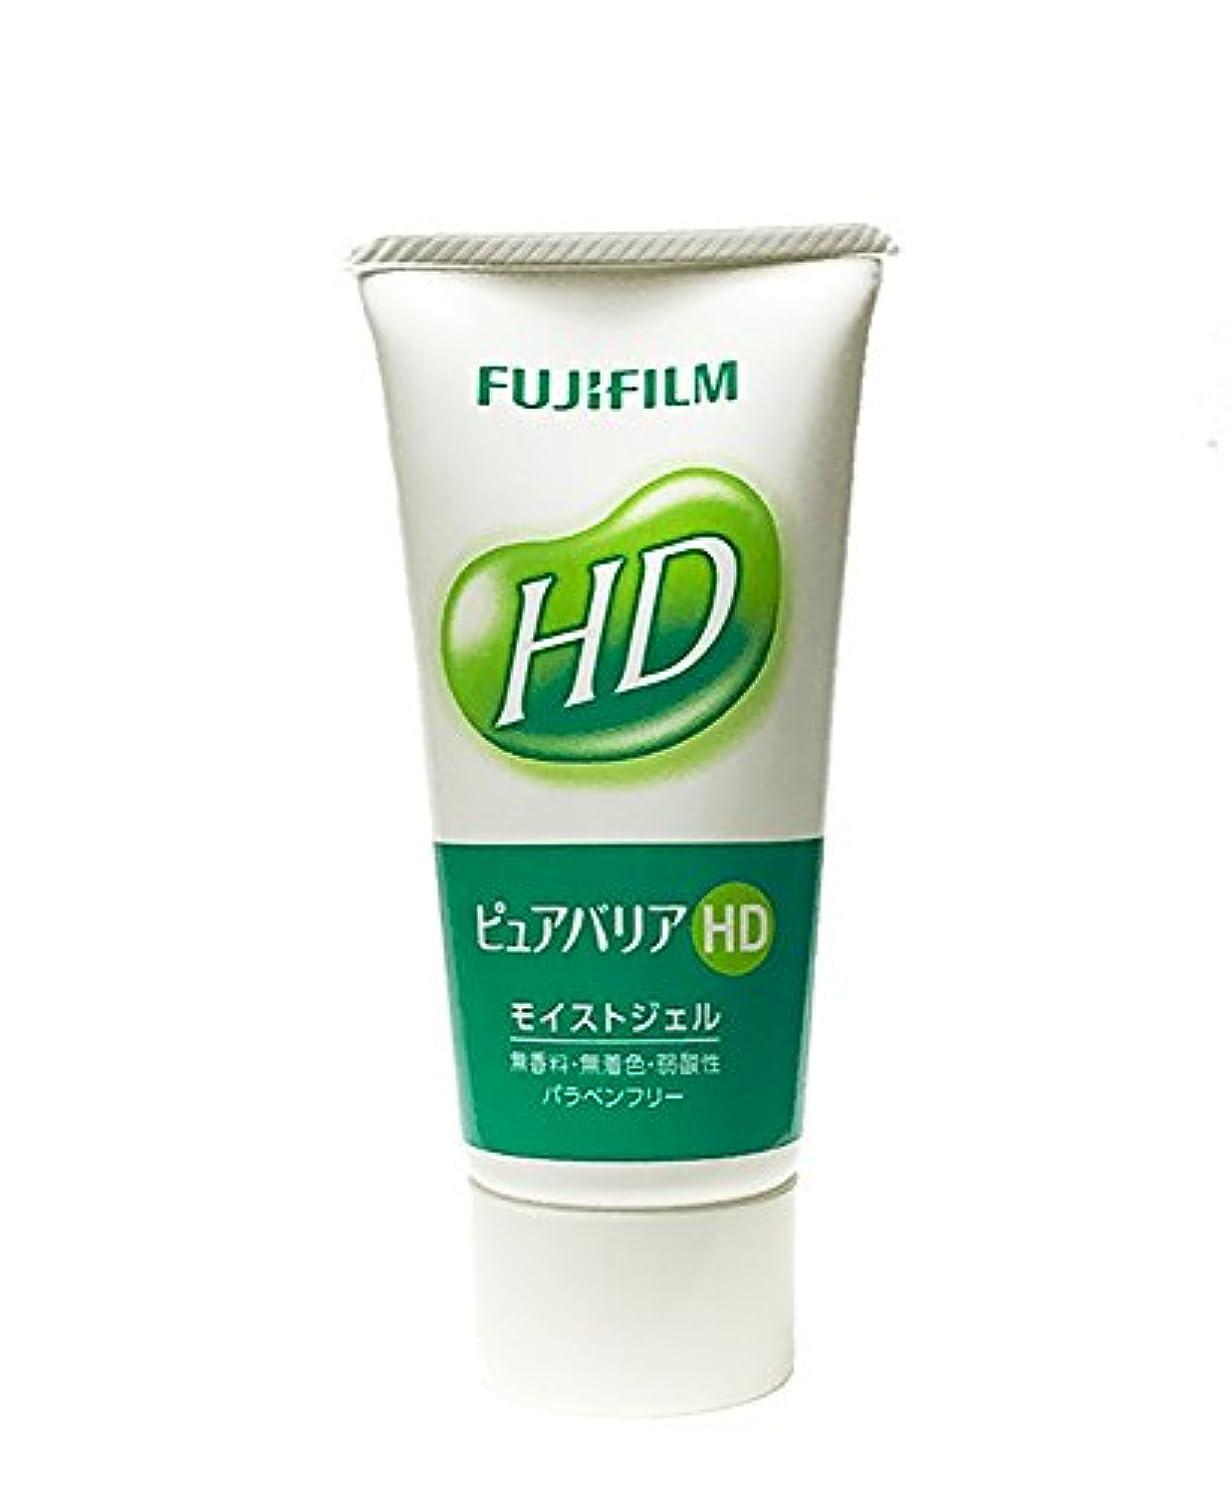 敬パース真似るピュアバリアHD モイストジェル60g